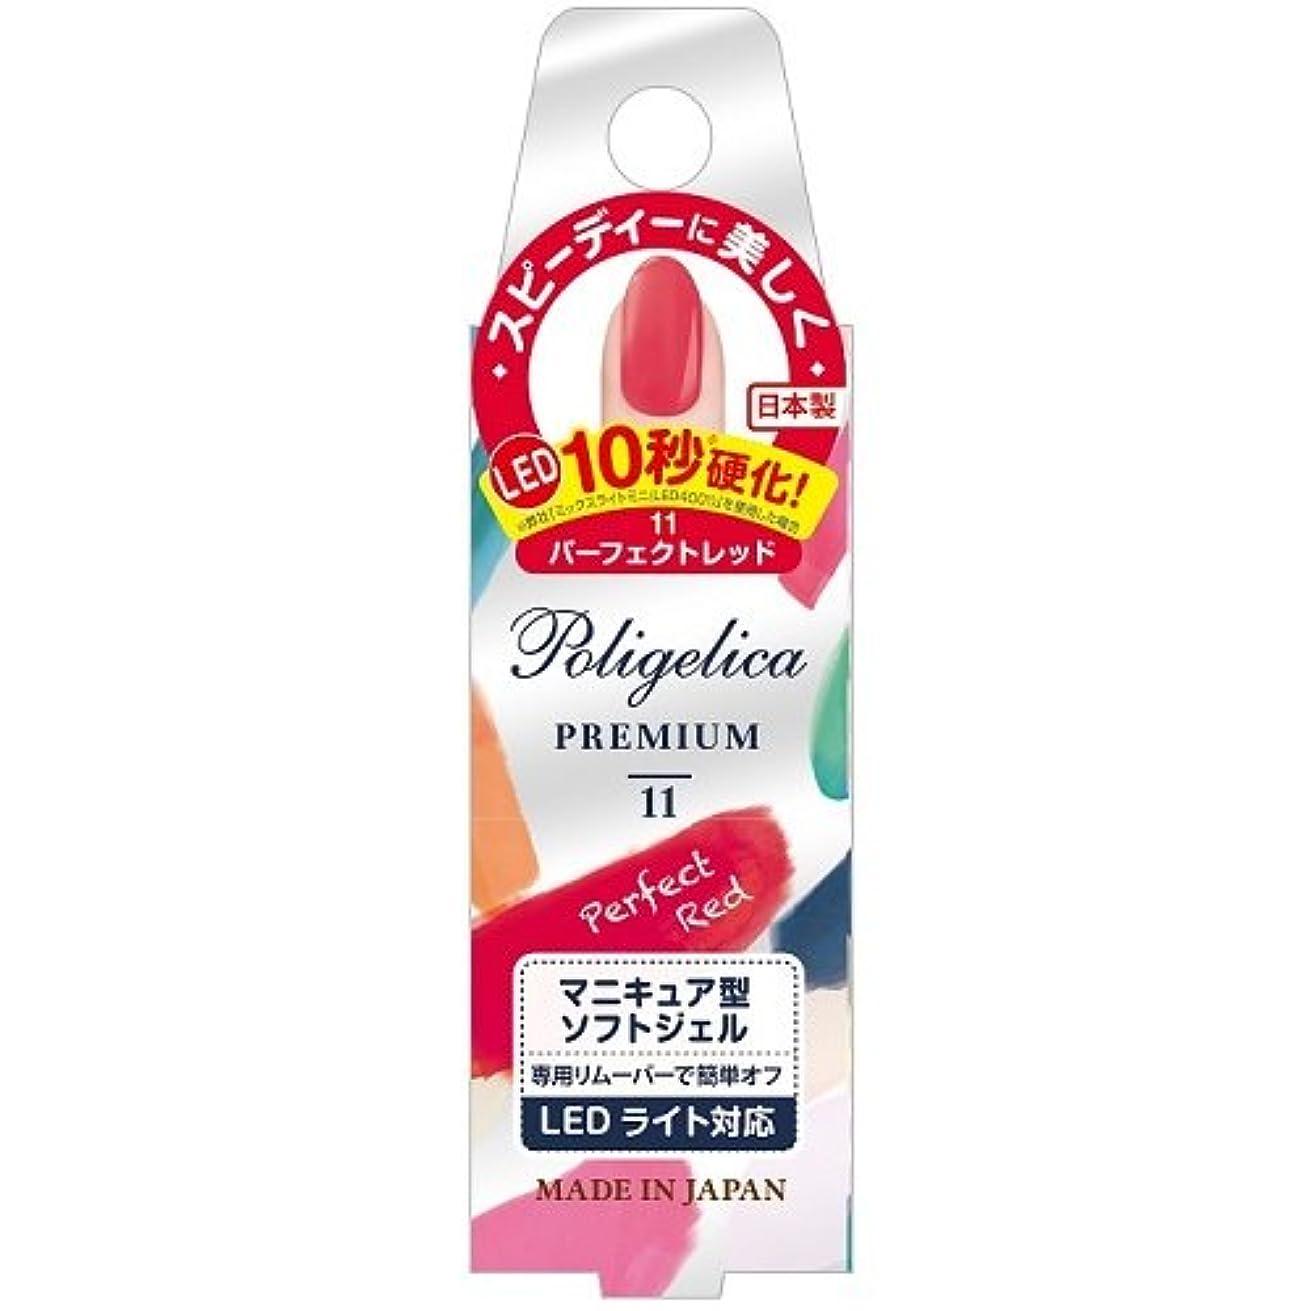 苗ソーダ水提供するBW ポリジェリカプレミアム カラージェル 1011/パーフェクトレッド (6g)